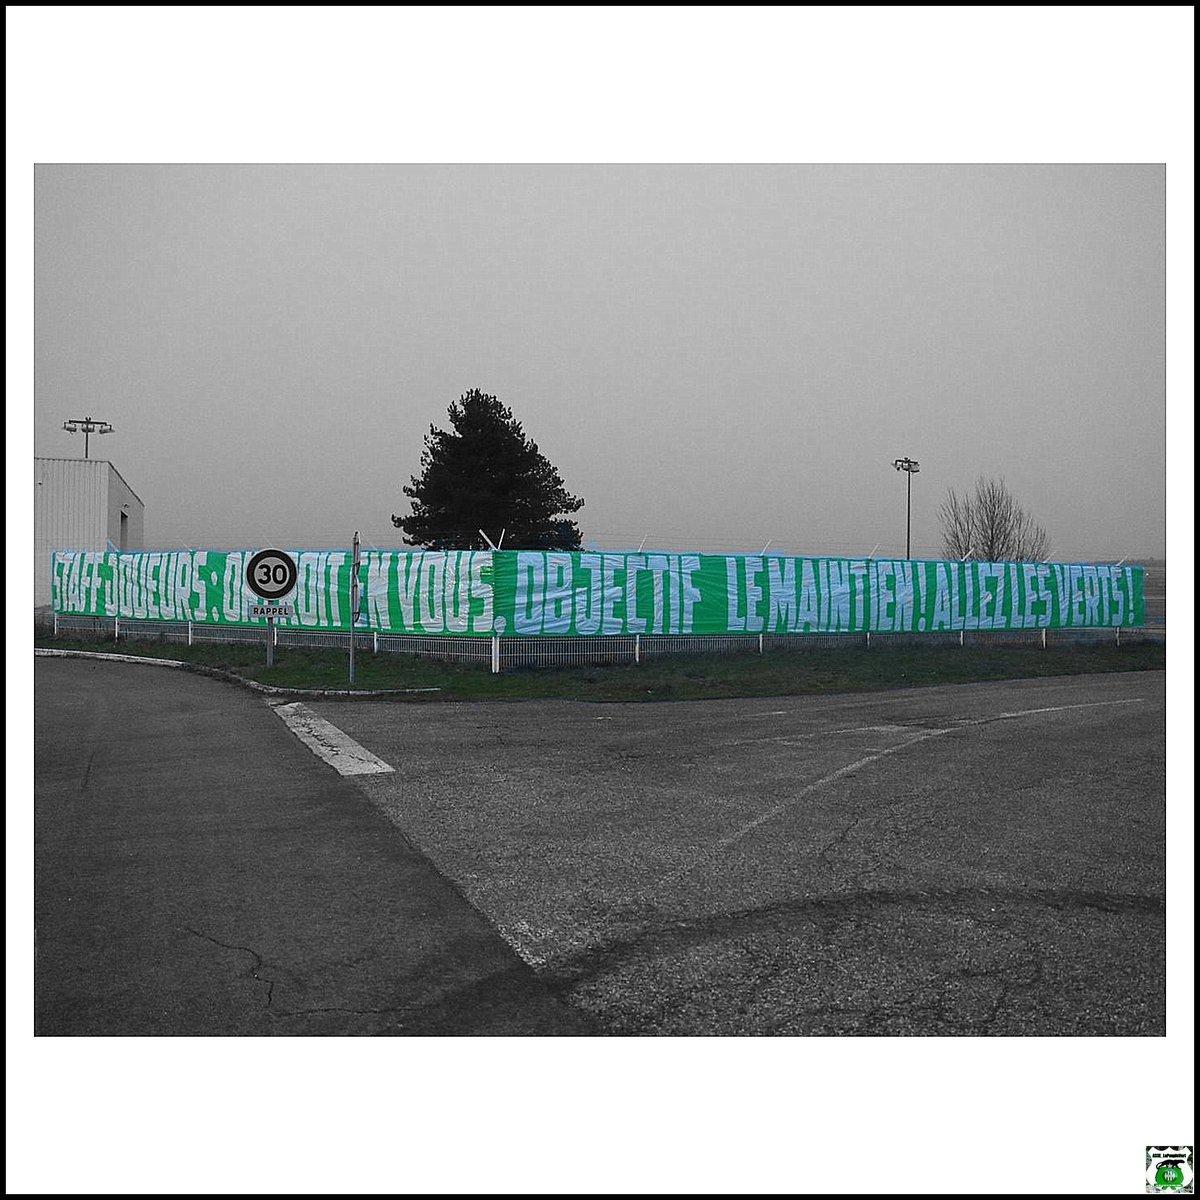 Staff, joueurs :  On croit en vous. Objectif le maintien ! Allez Les Verts !!! 👊  #ASSE #LePeupleVert  #SaintÉtienne #Football  #Supporters #Ultras #Stéphanois  #AllezLesVerts